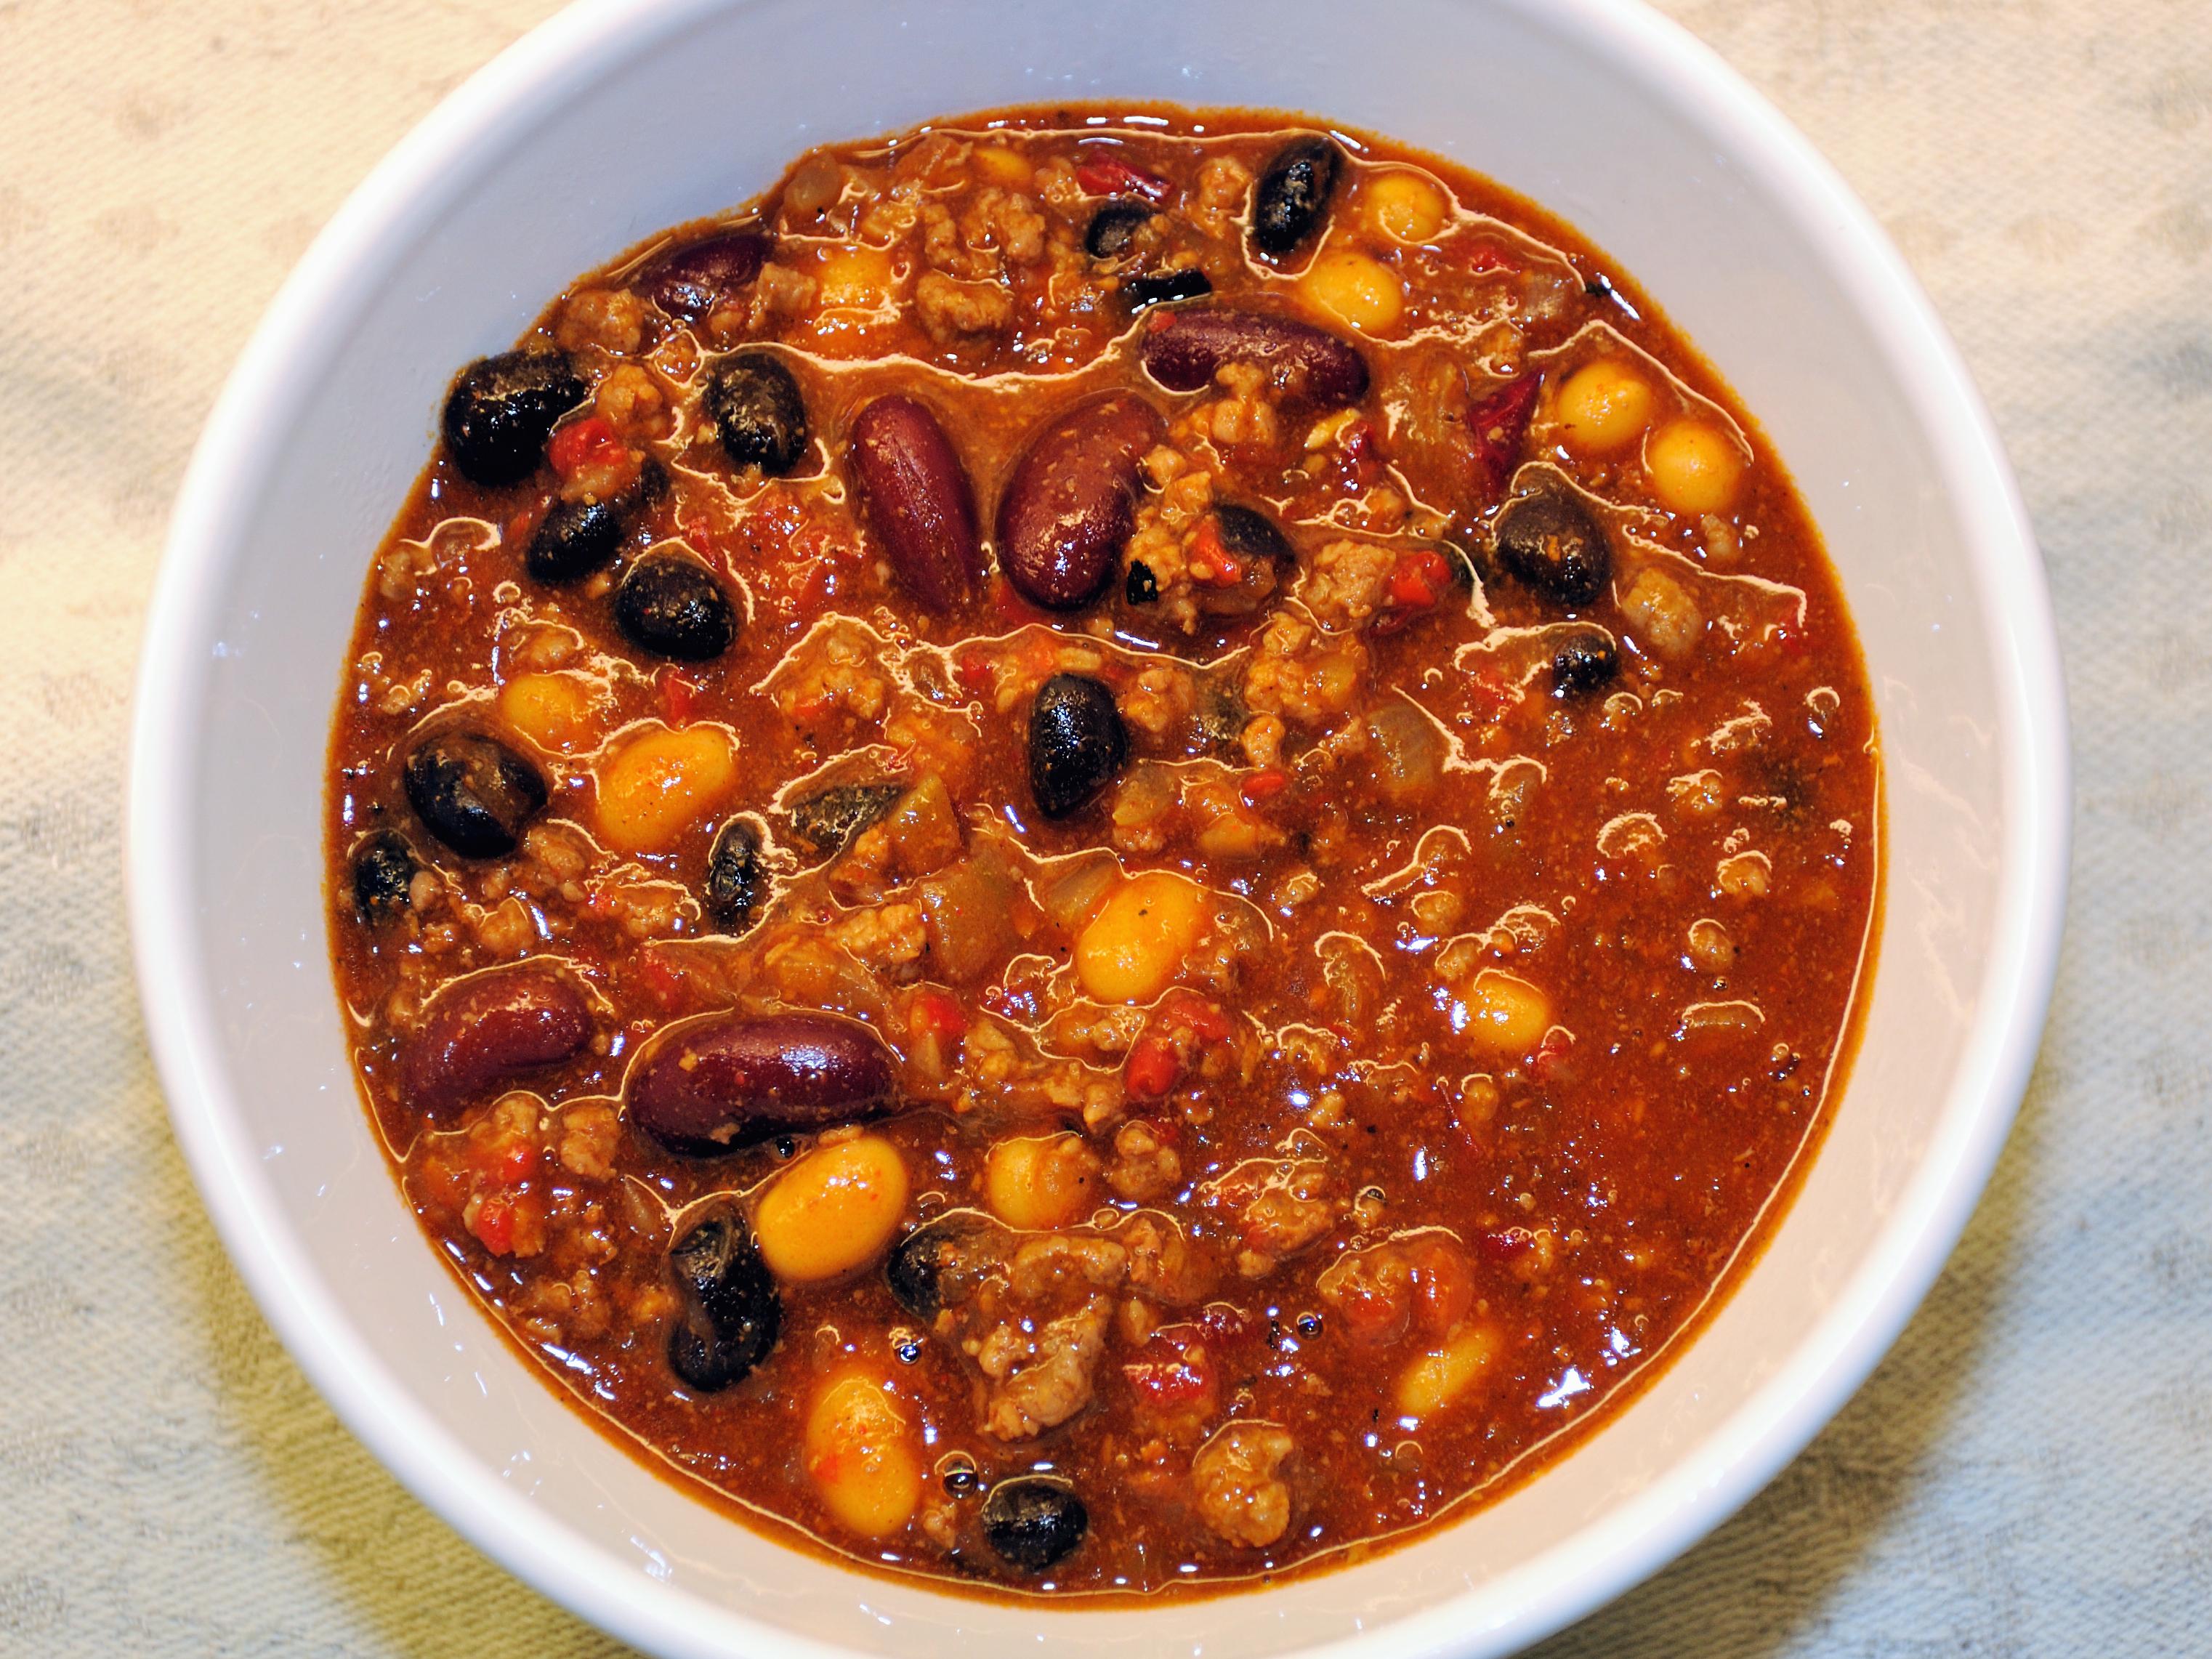 egen chili con carne krydda